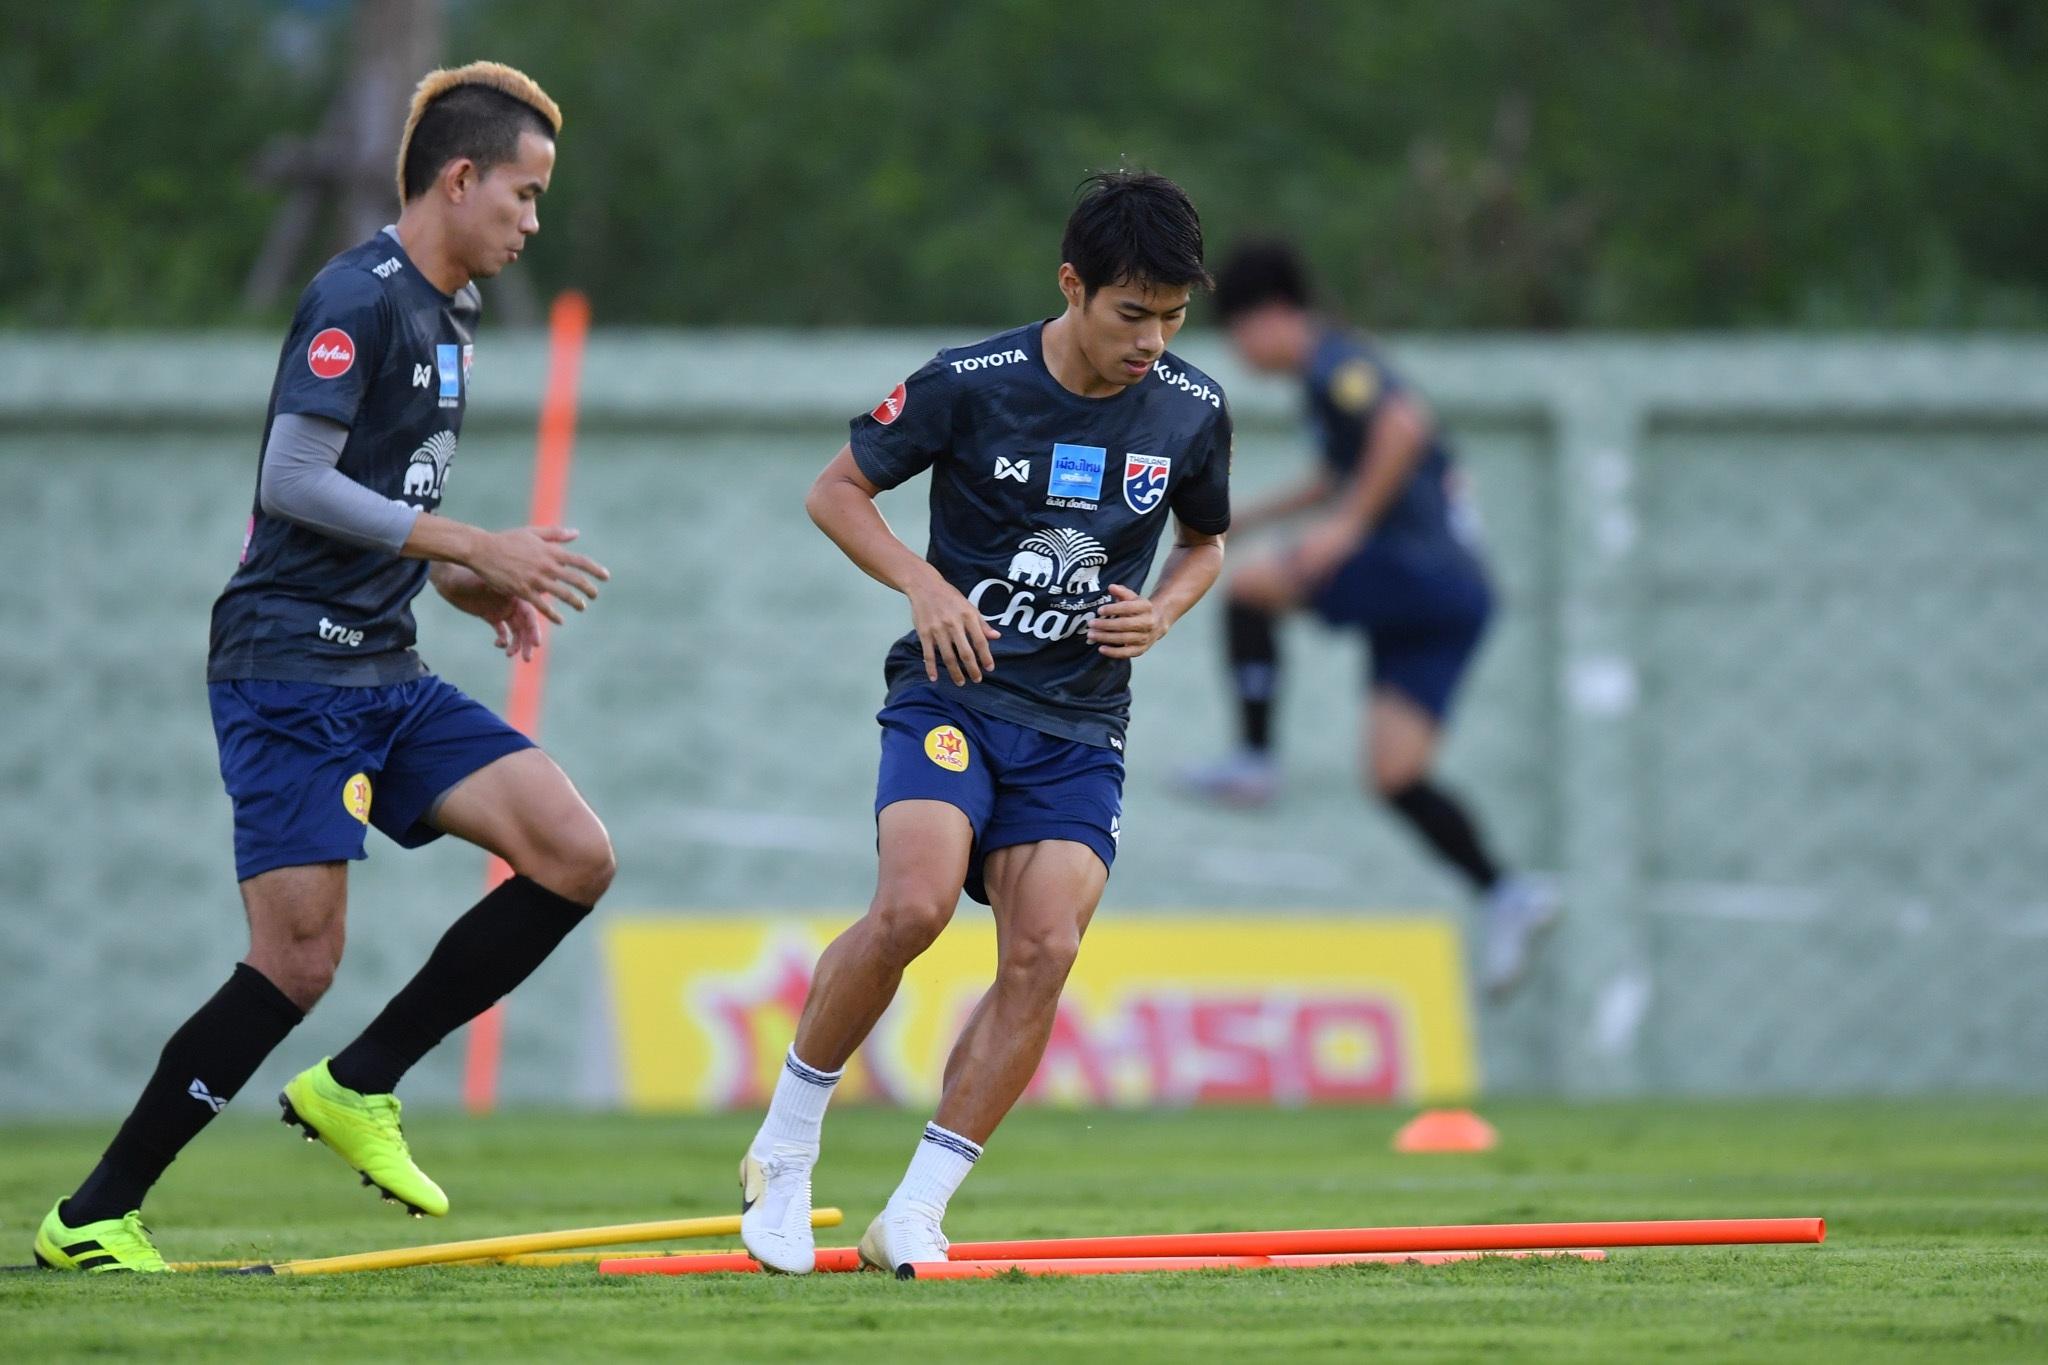 ทีมชาติเวียดนาม ทีมชาติไทย ฟุตบอลโลก 2022 รอบคัดเลือก สารัช อยู่เย็น